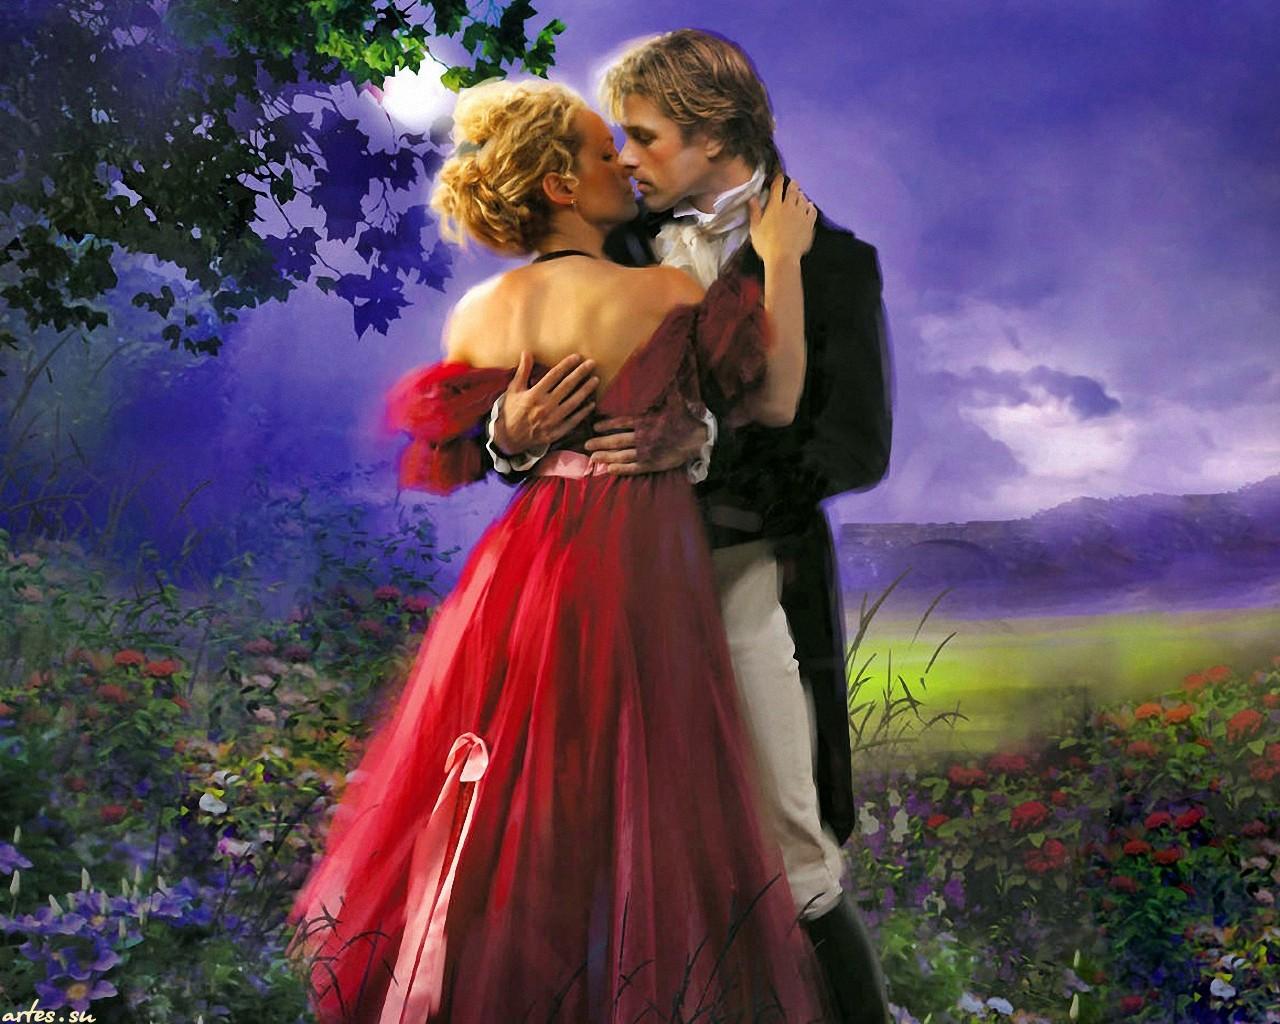 Эротический поцелуй в картинках 12 фотография